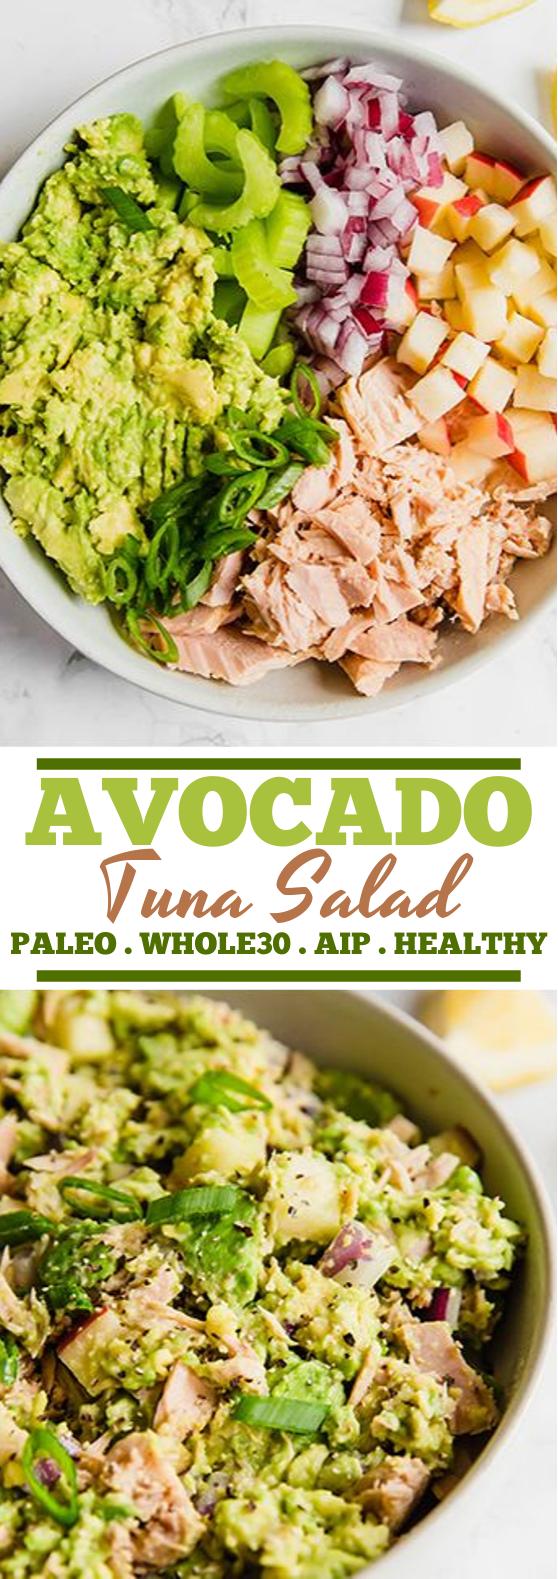 Avocado Tuna Salad #healthy #salad #insurancequotes